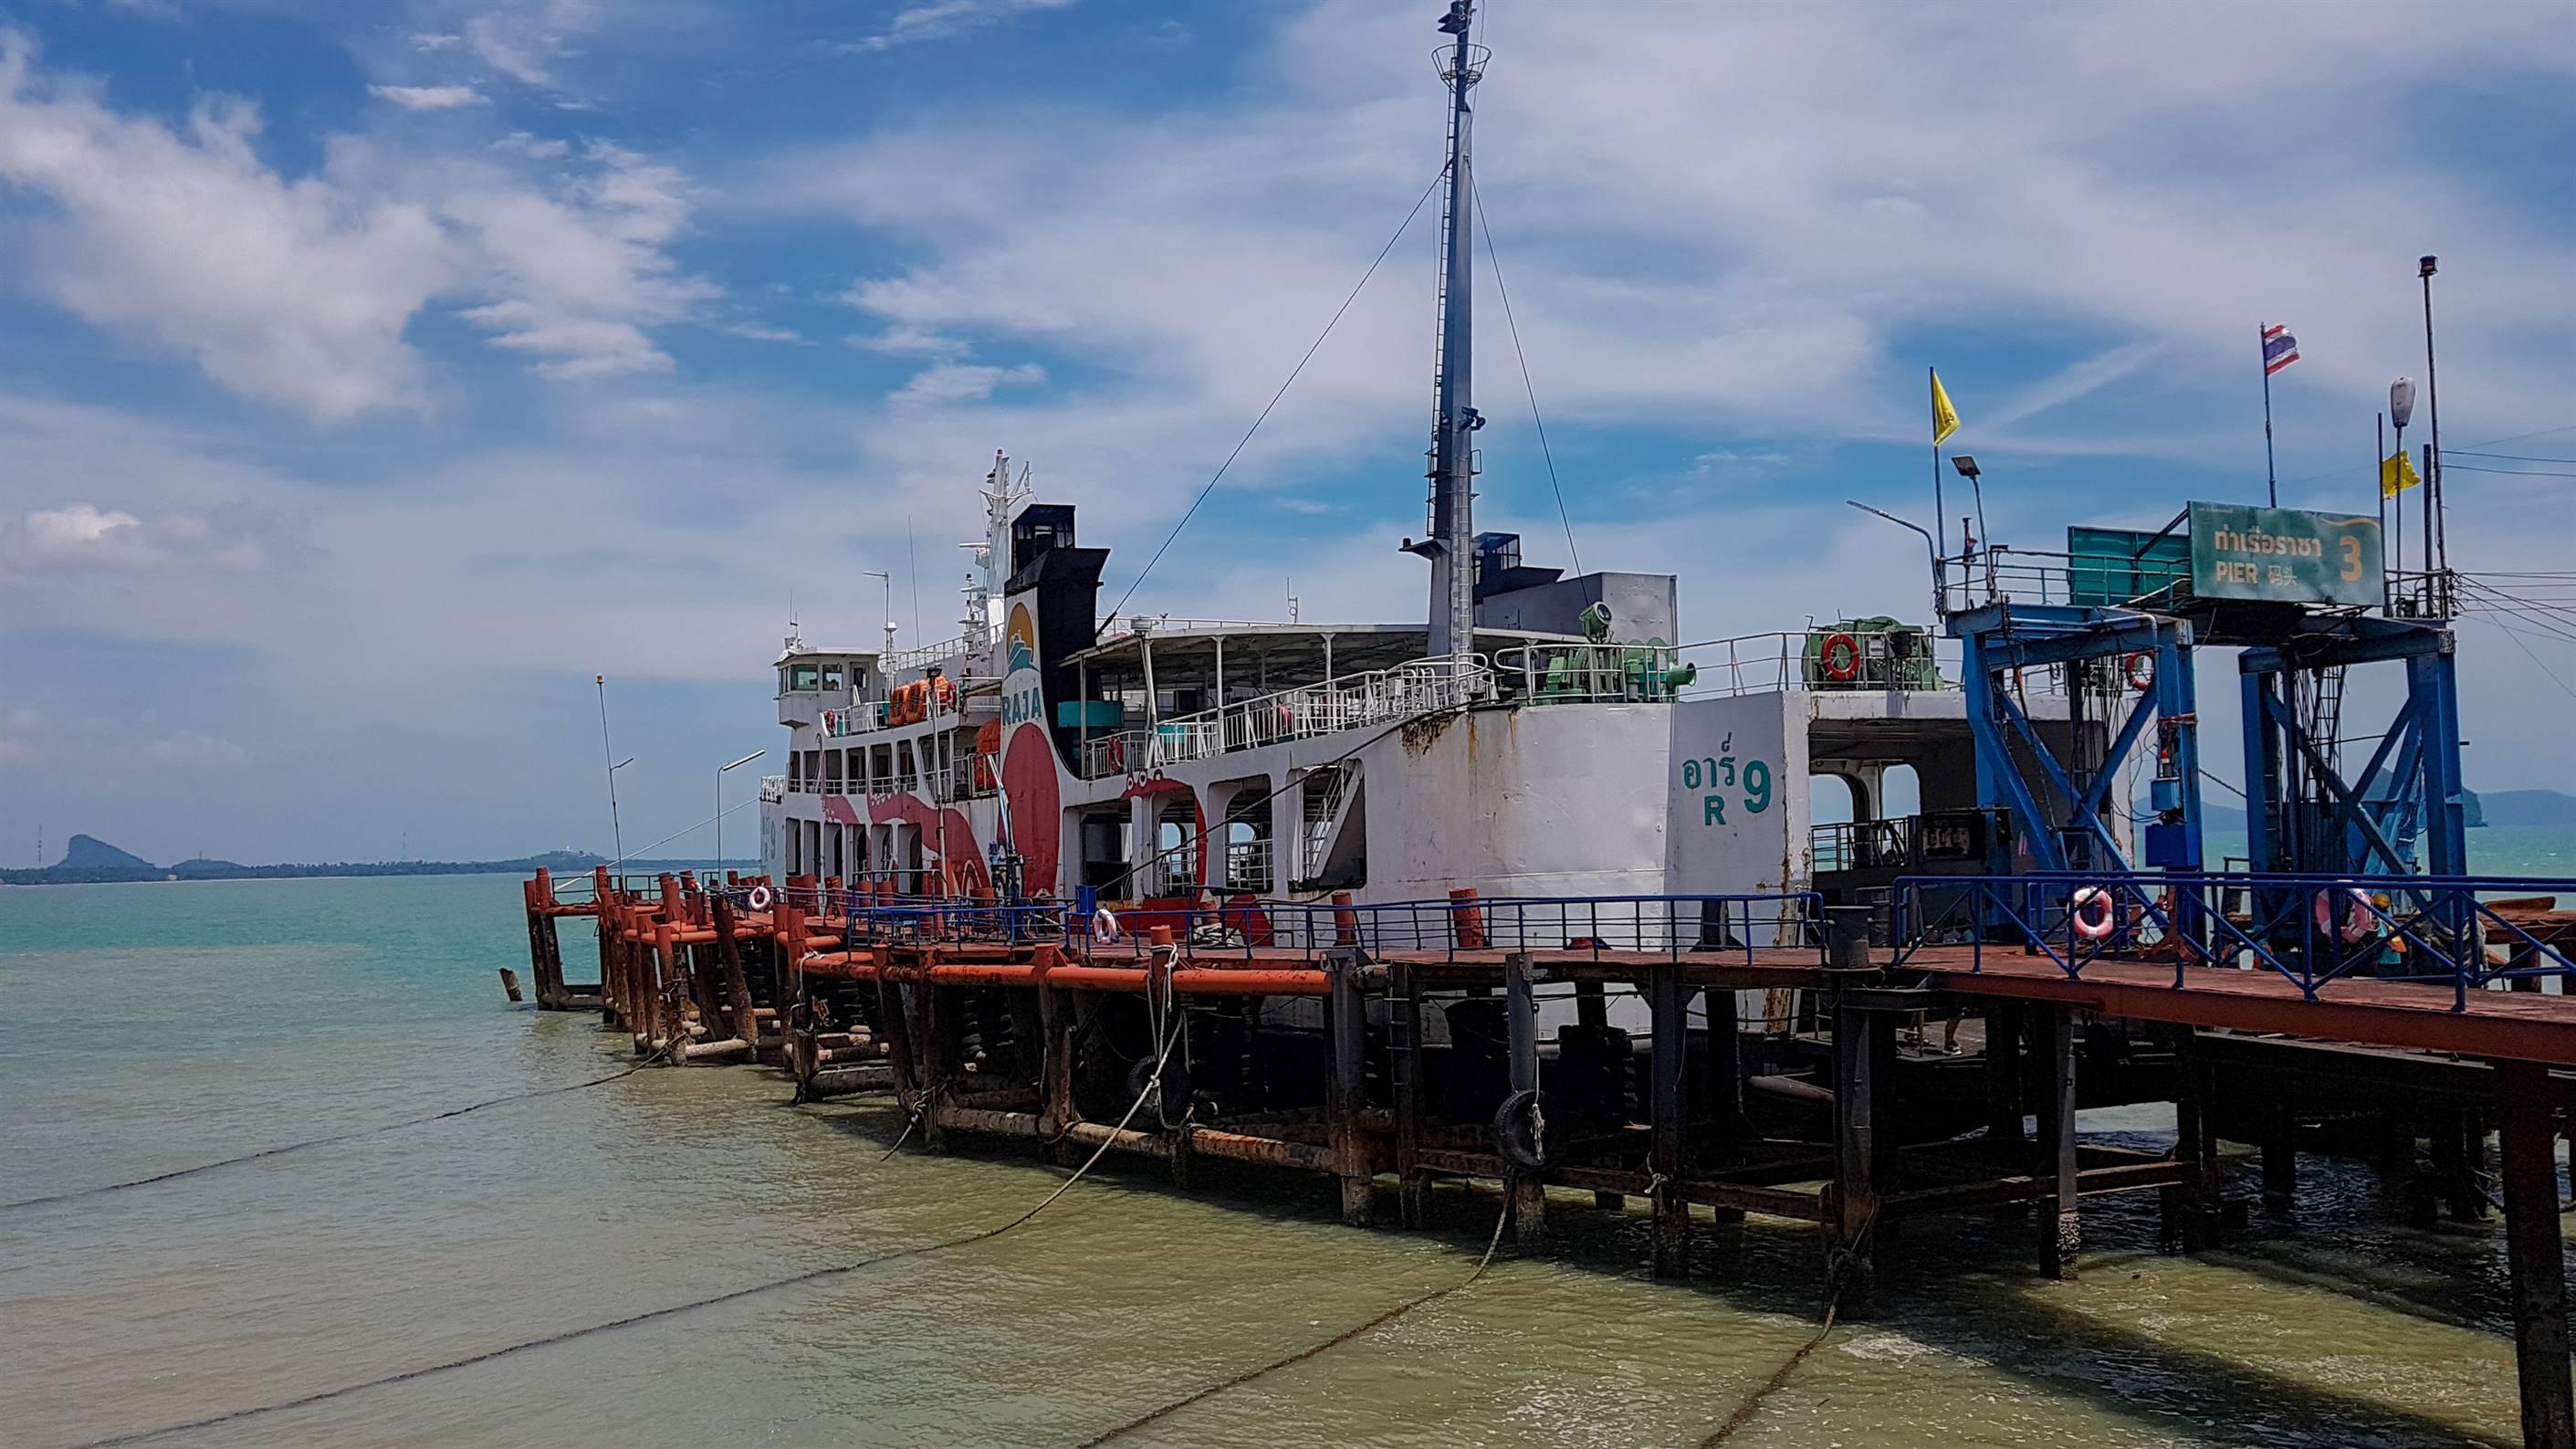 Rajat Ferry Koh Phangan Thaïlande